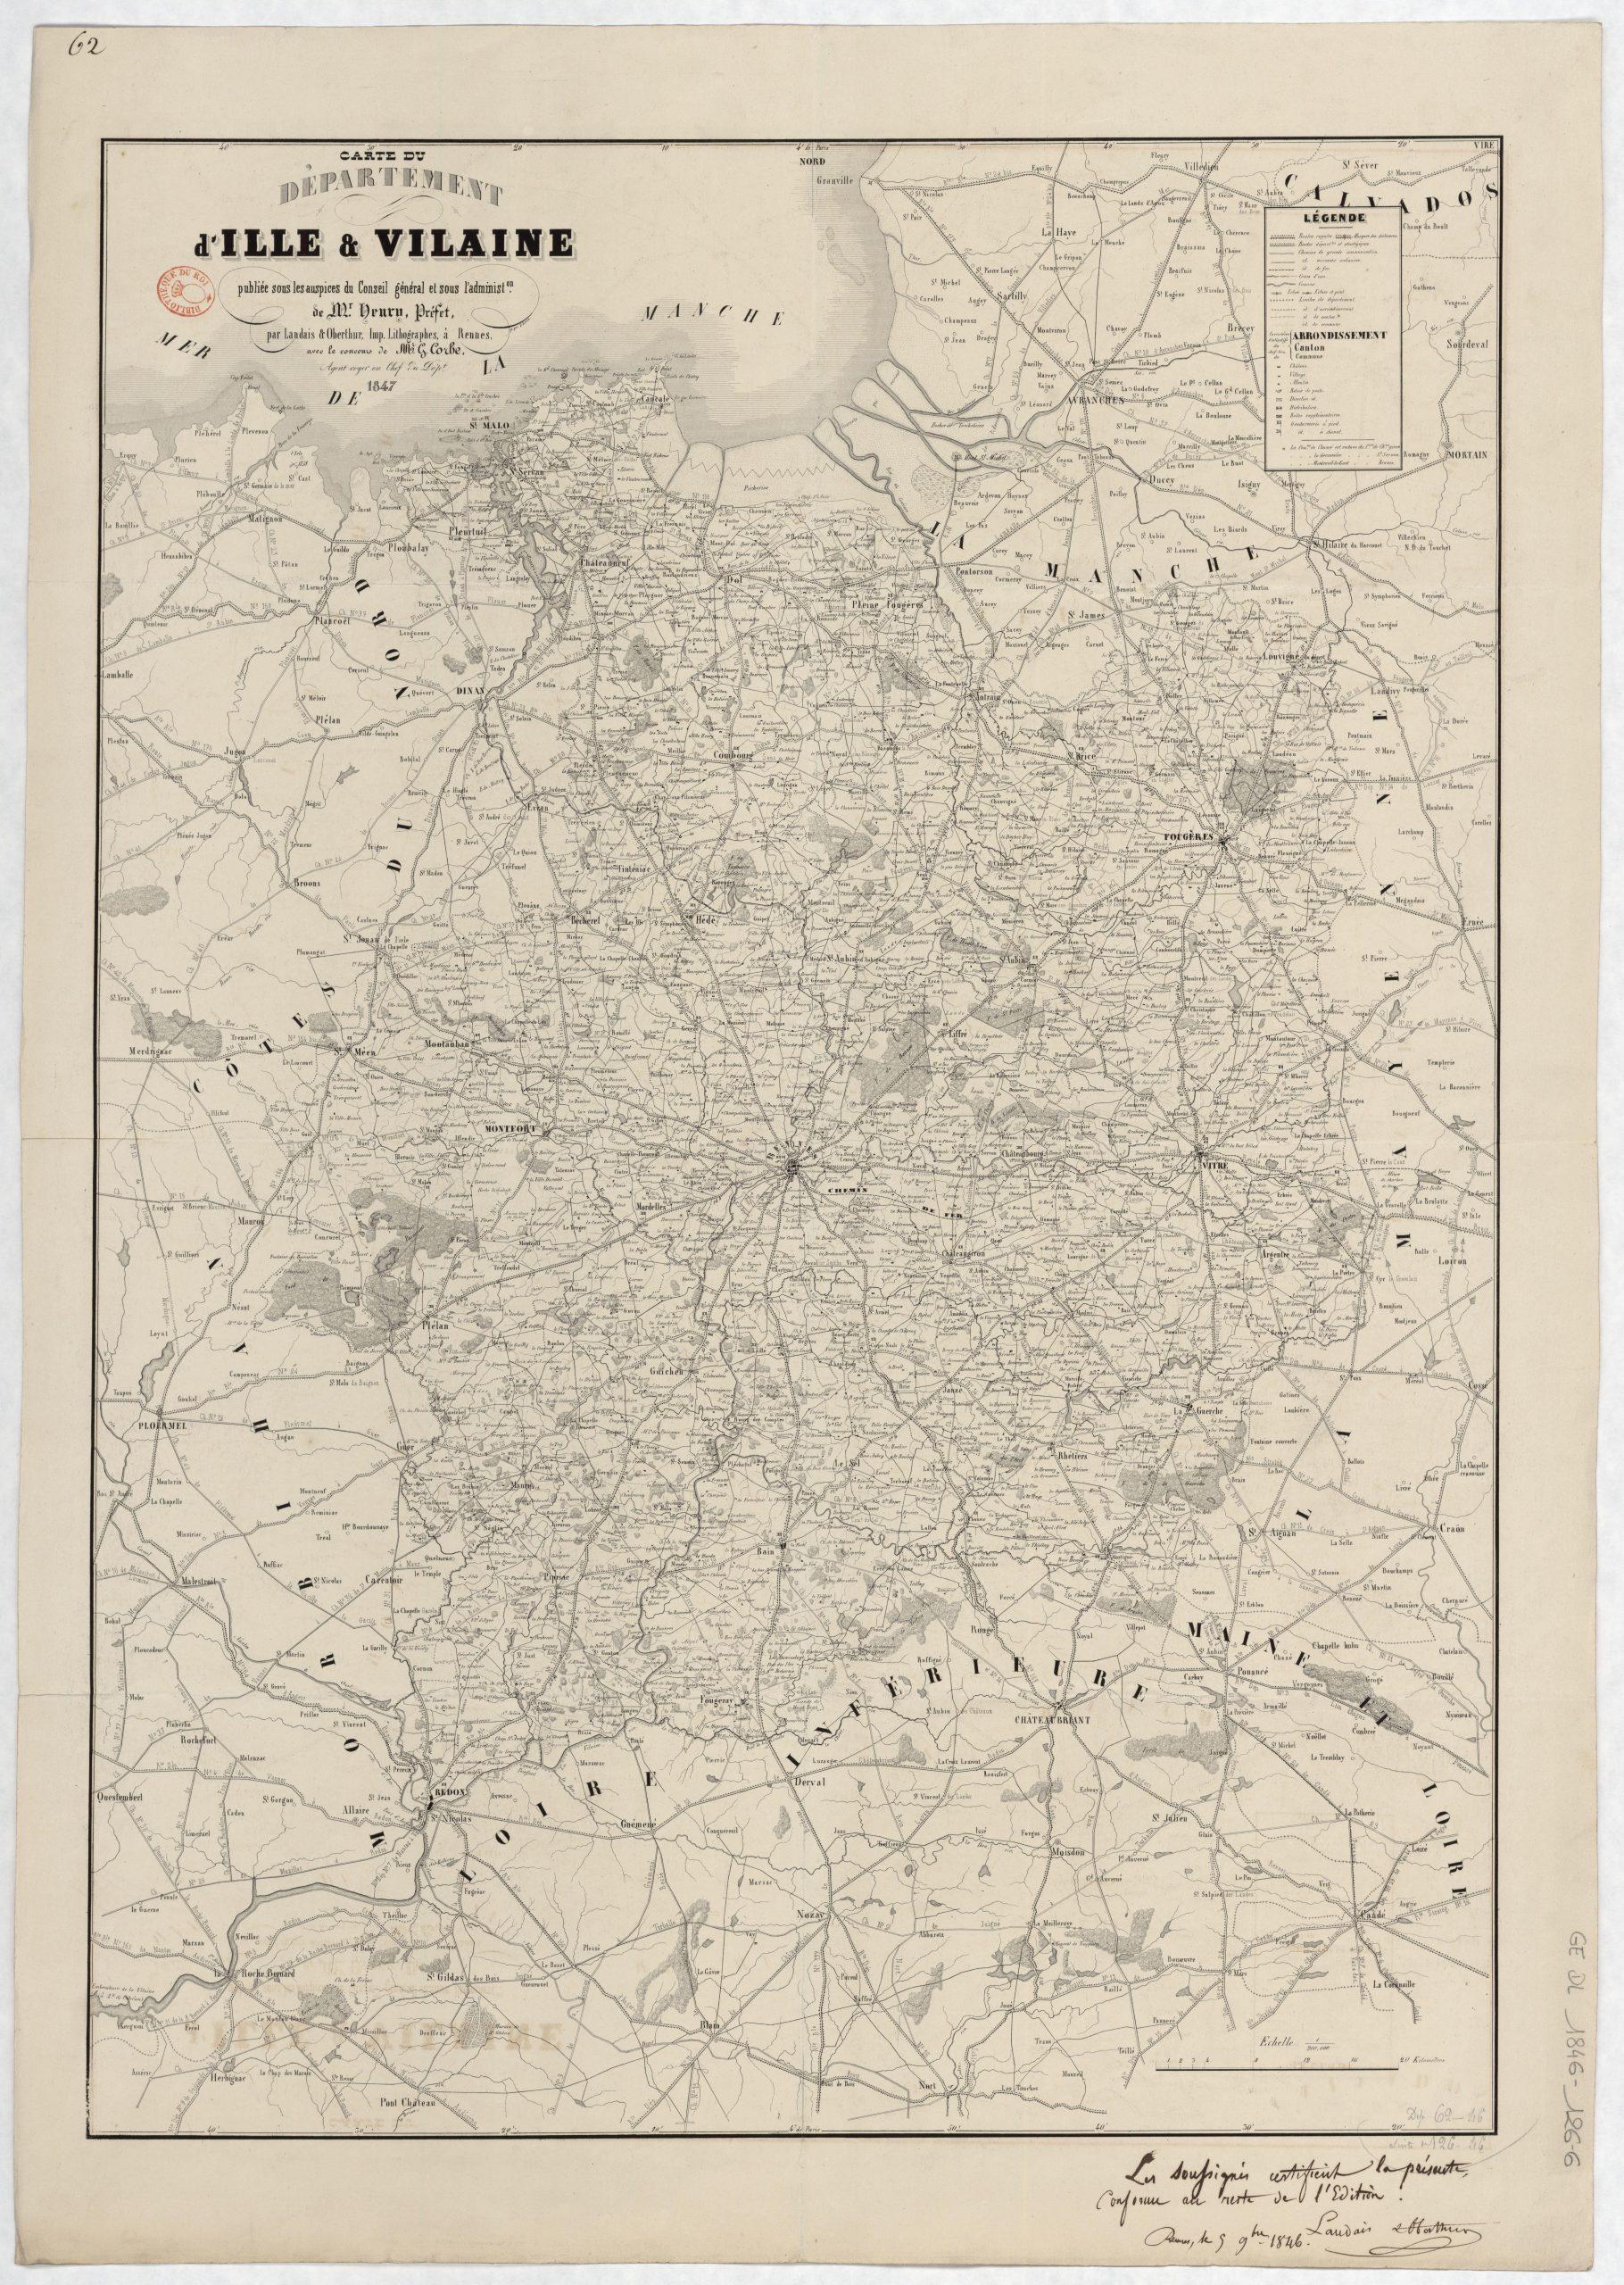 File:carte Du Département D'ille-Et-Vilaine - 1847 encequiconcerne Département 09 Carte